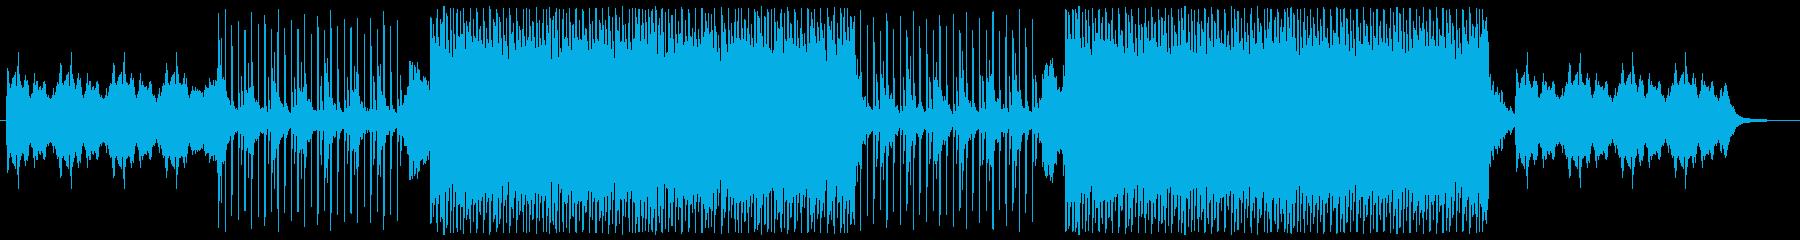 柔らかく包み込むような優しいBGMの再生済みの波形